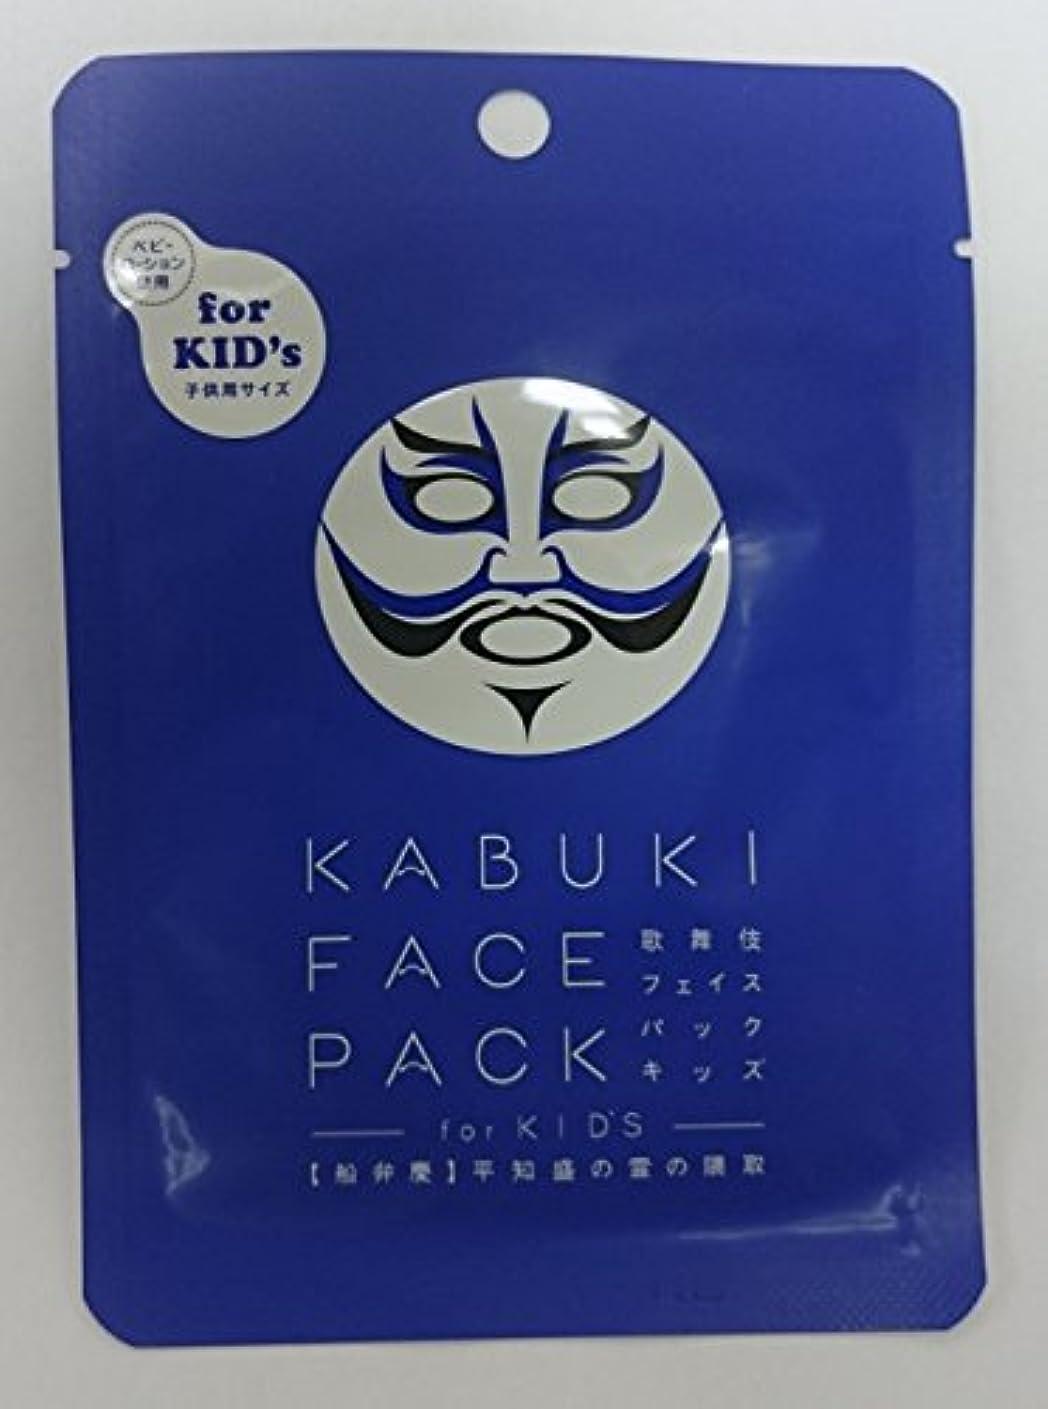 歌舞伎フェイスパック 子供用 KABUKI FACE PACK For Kids パンダ トラも! ベビーローション使用